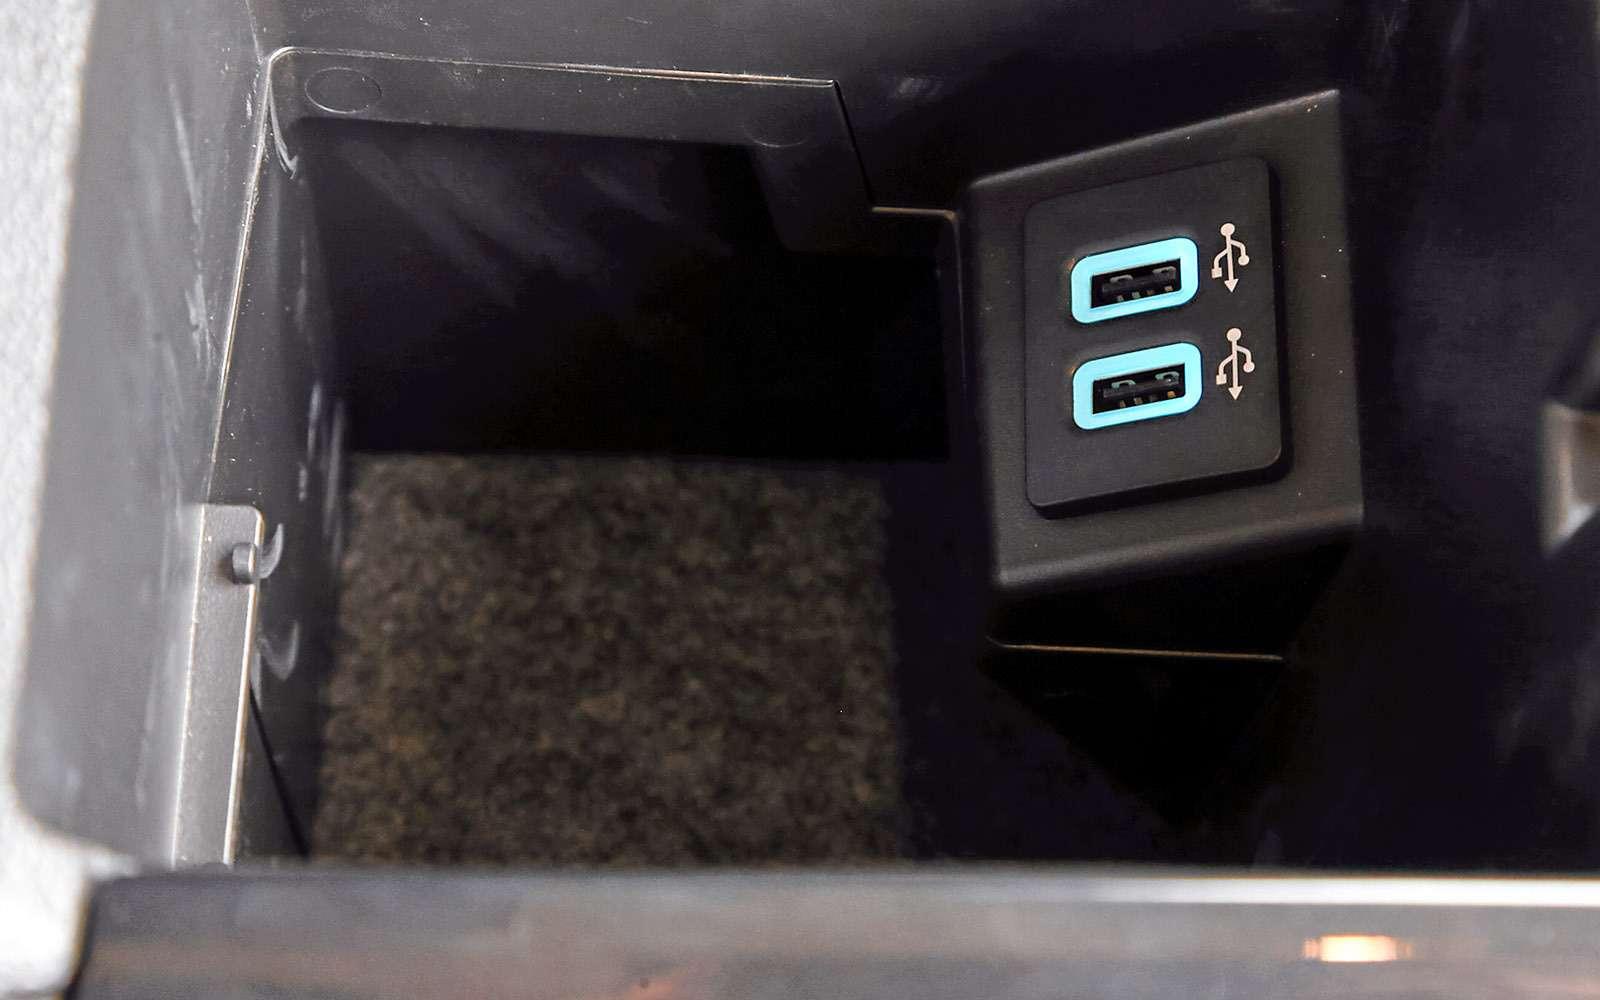 Обновленный Ford Kuga российской сборки: мыпоездили нанем первыми!— фото 674484